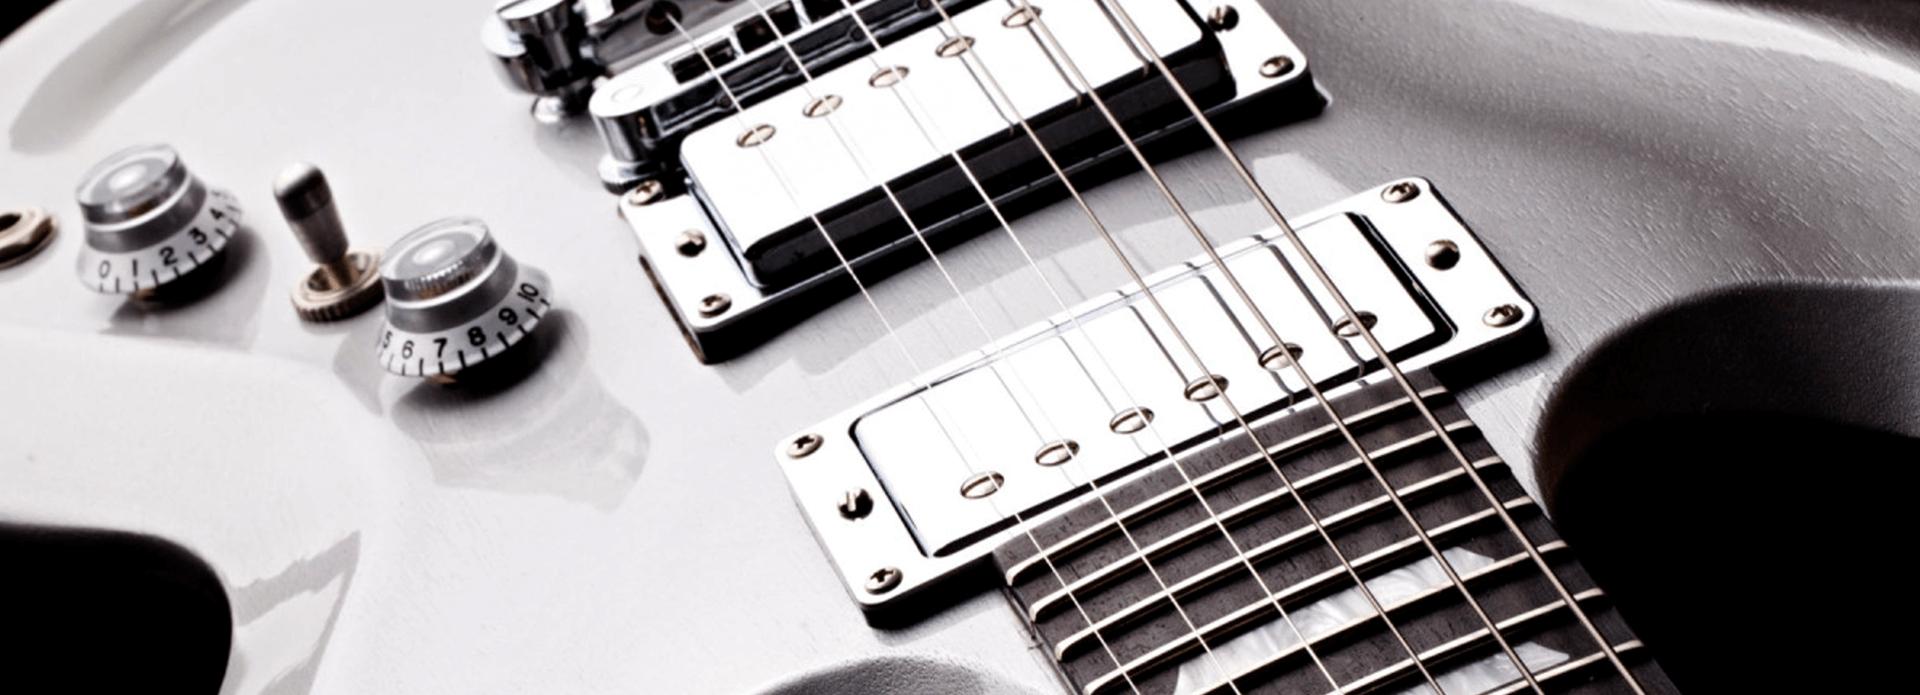 Guitar serial dater